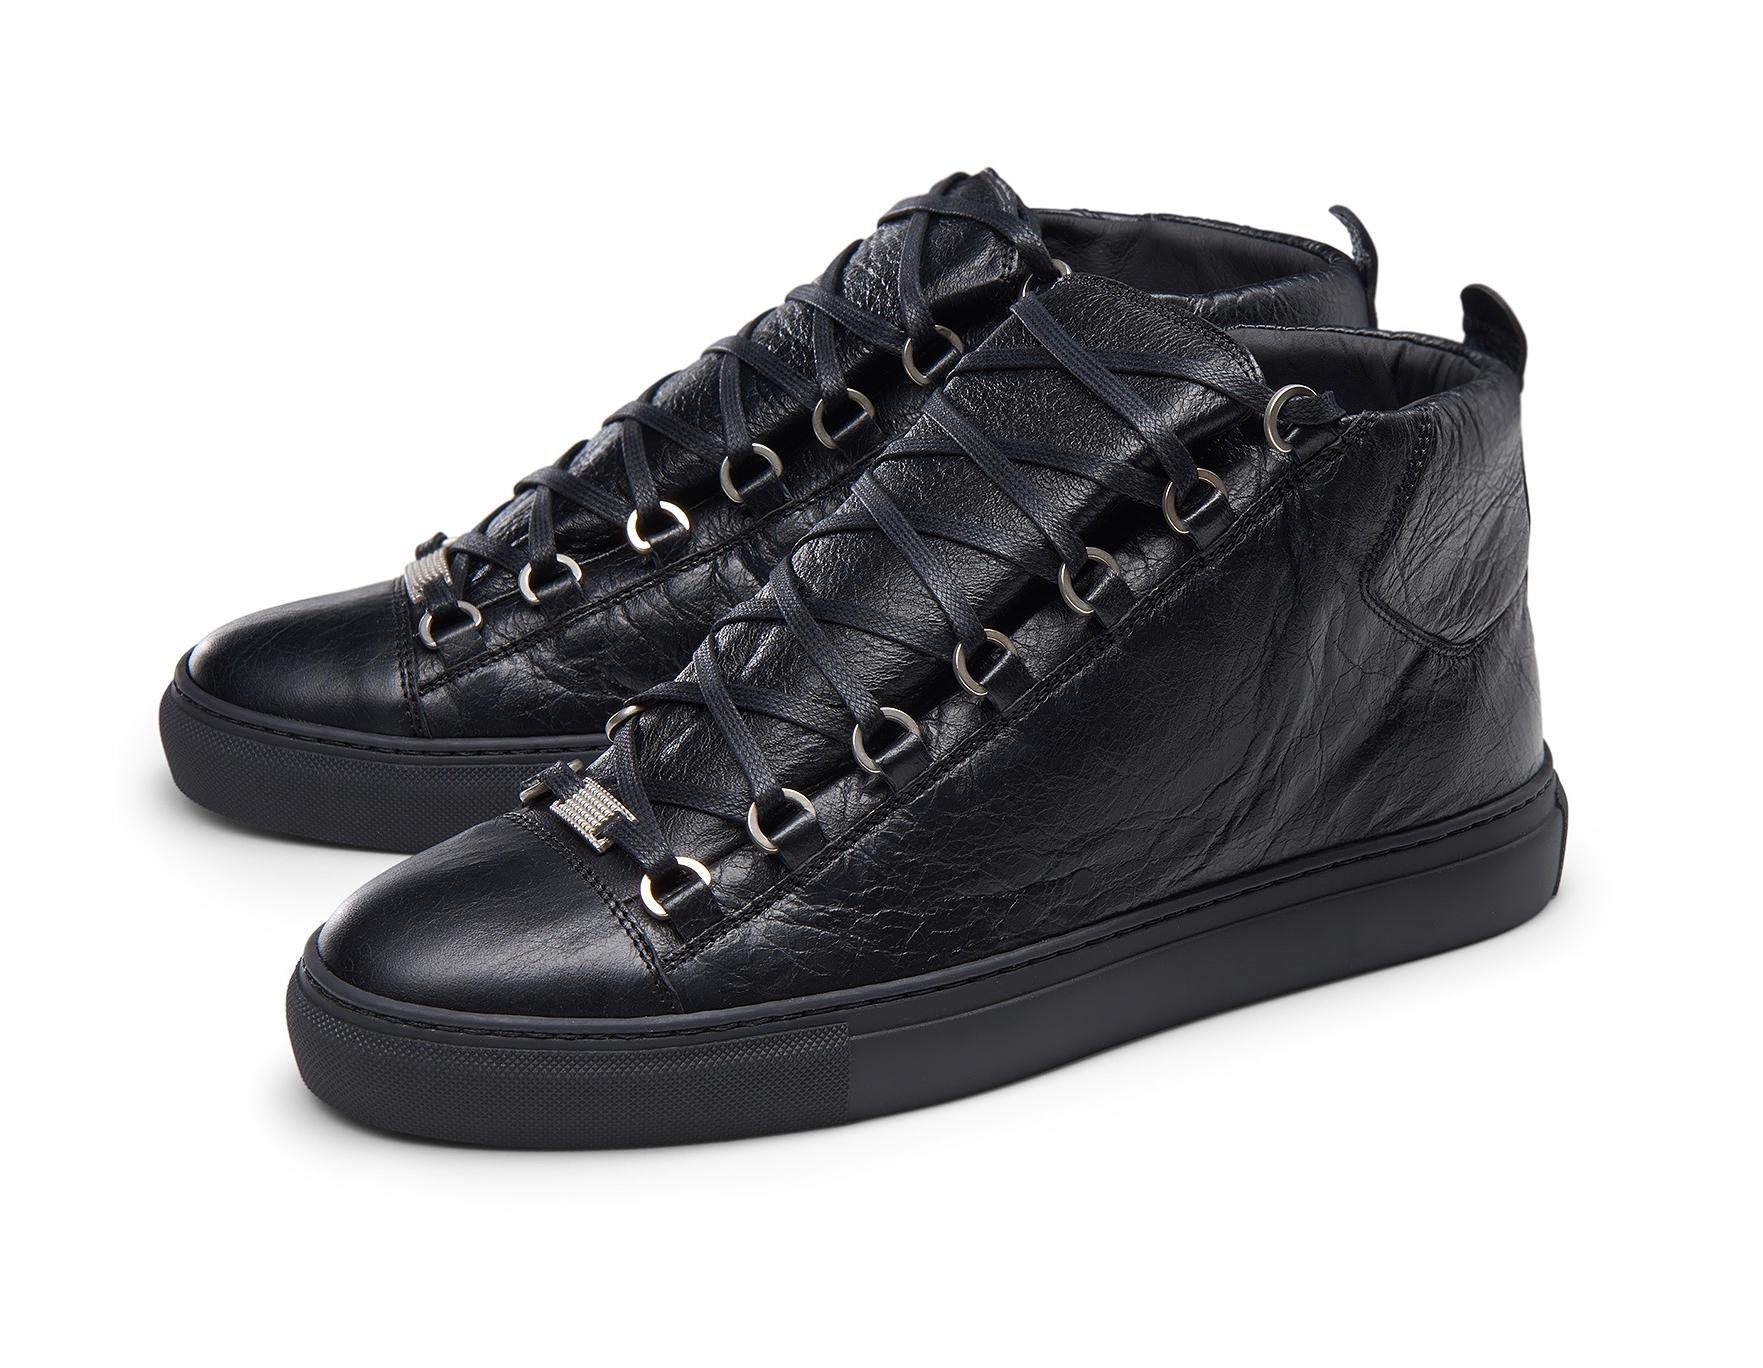 balenciaga arena high sneakers for sale